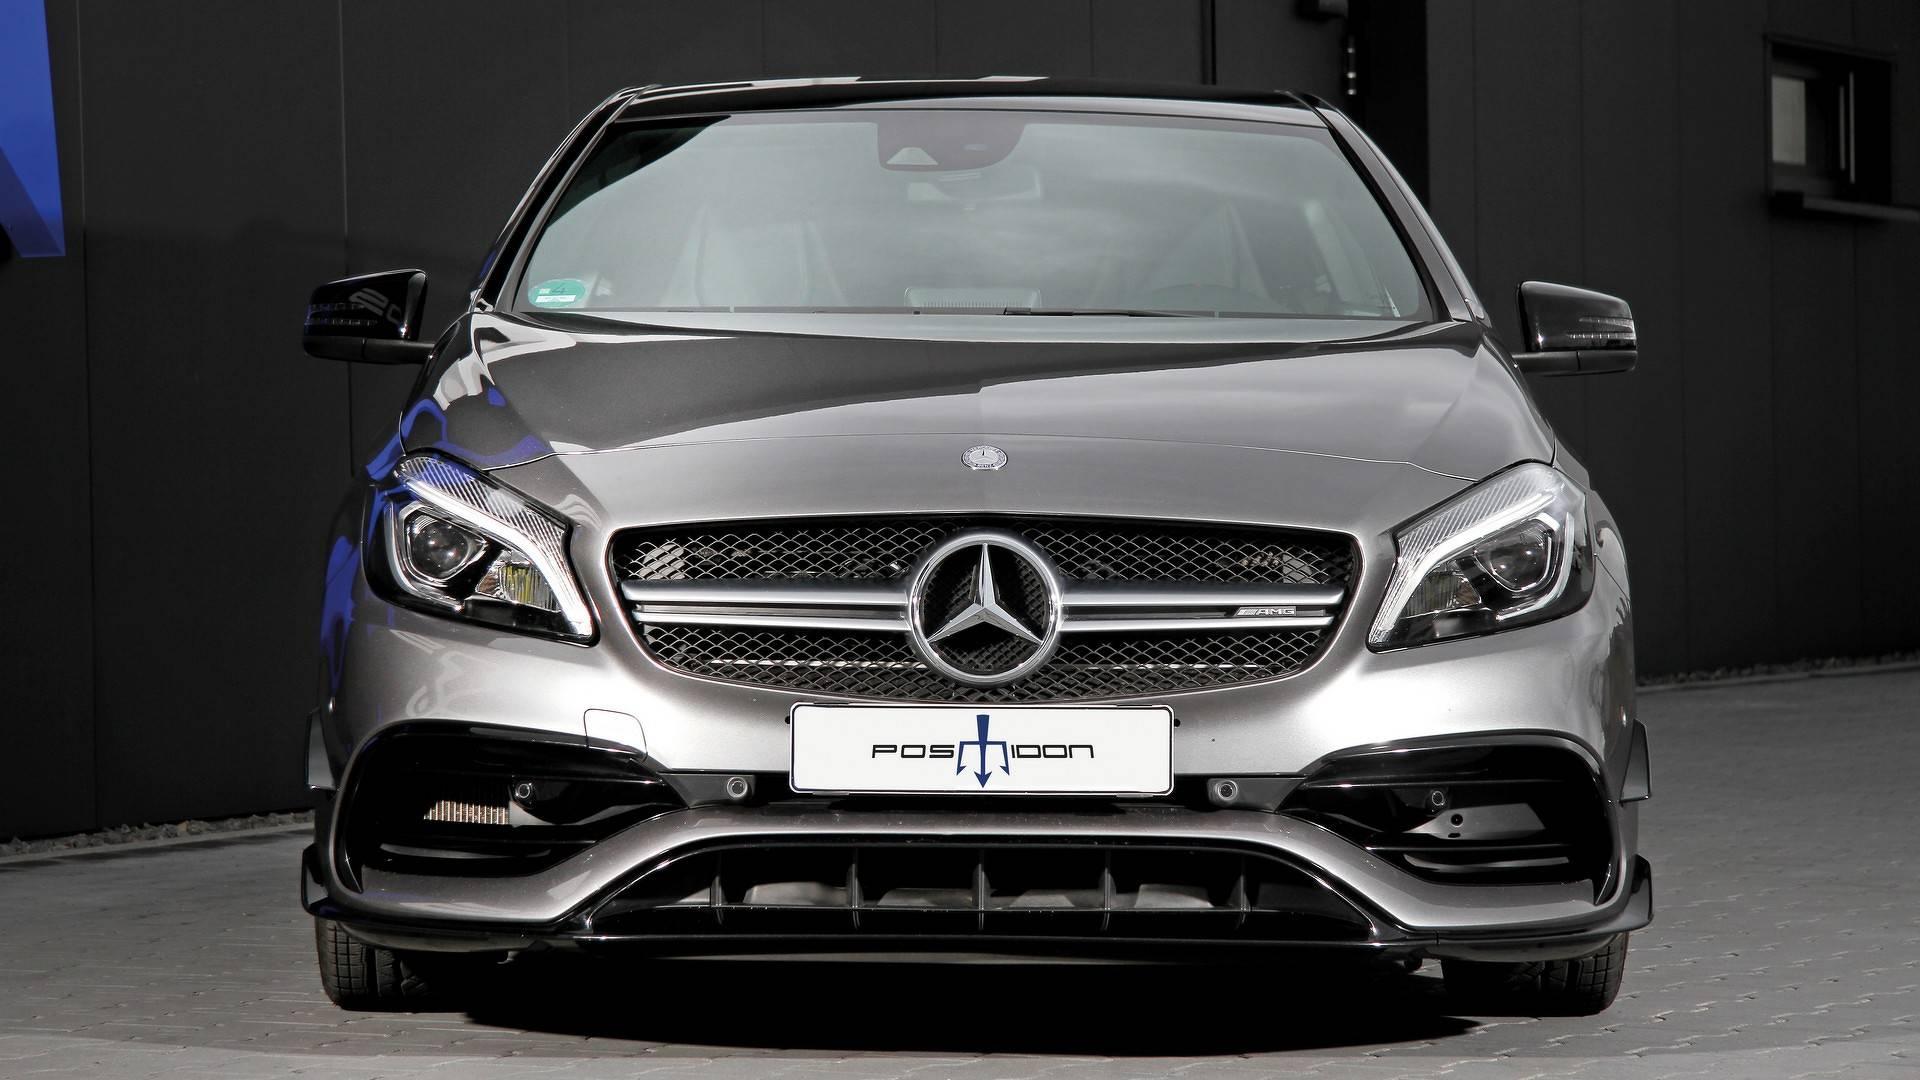 Ателье Posaidon представило 558-сильный хэтчбек Mercedes AMG A45